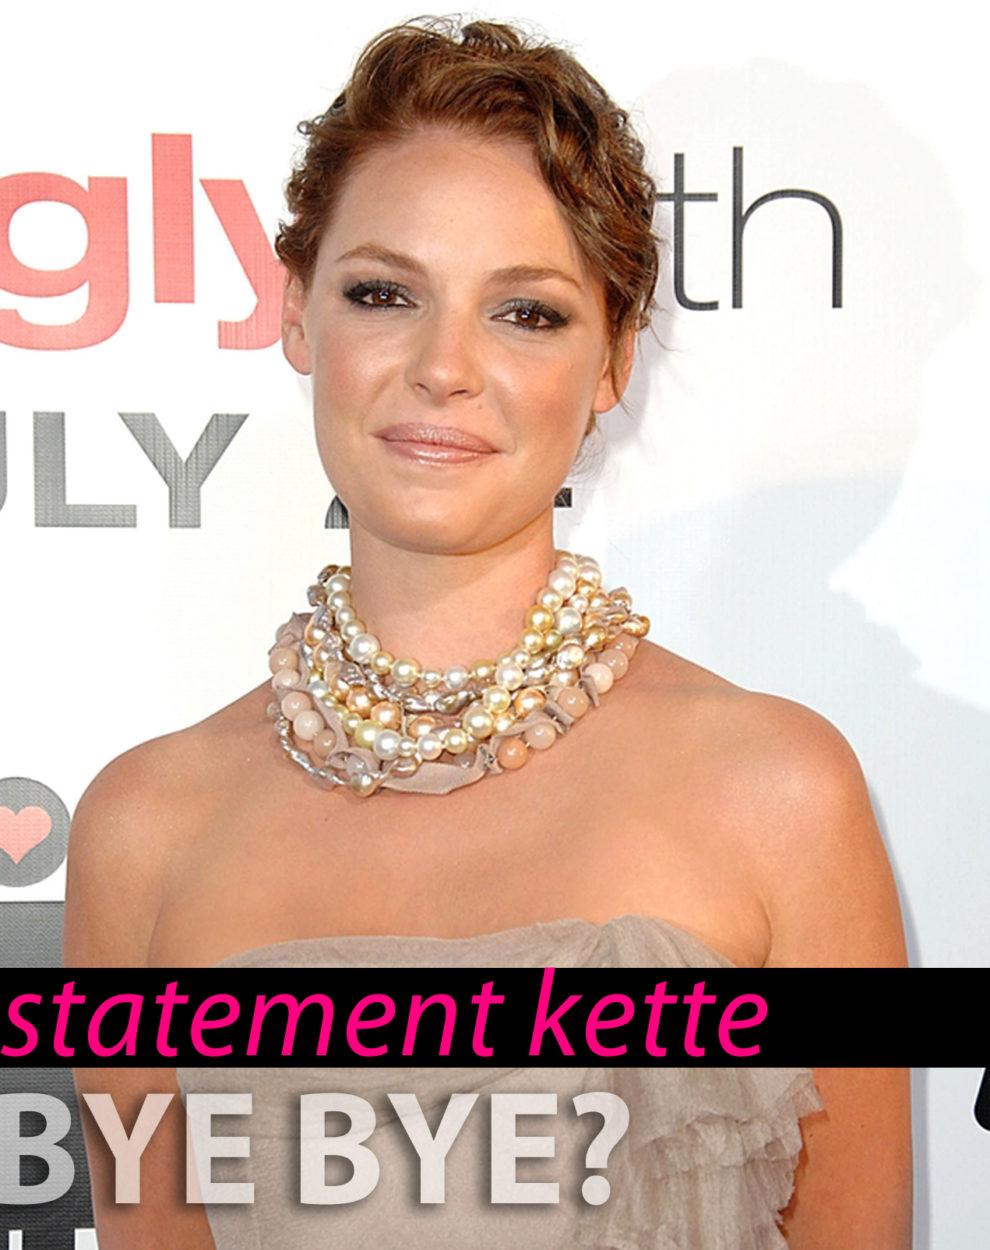 statement kette beitragsbild